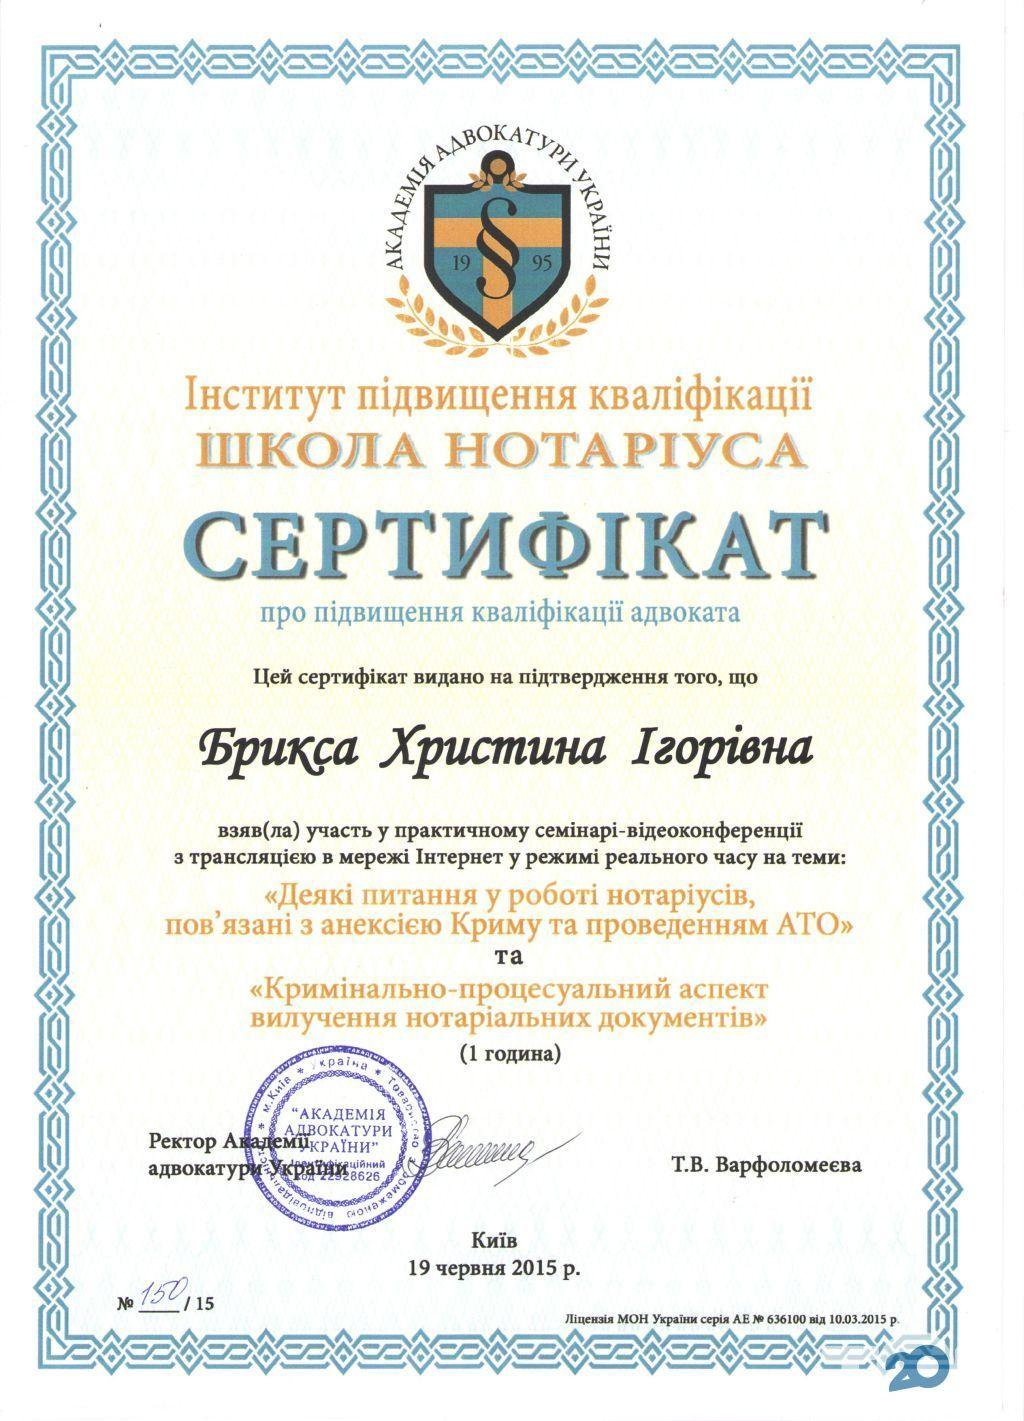 Адвокат Брикса Христина - фото 9